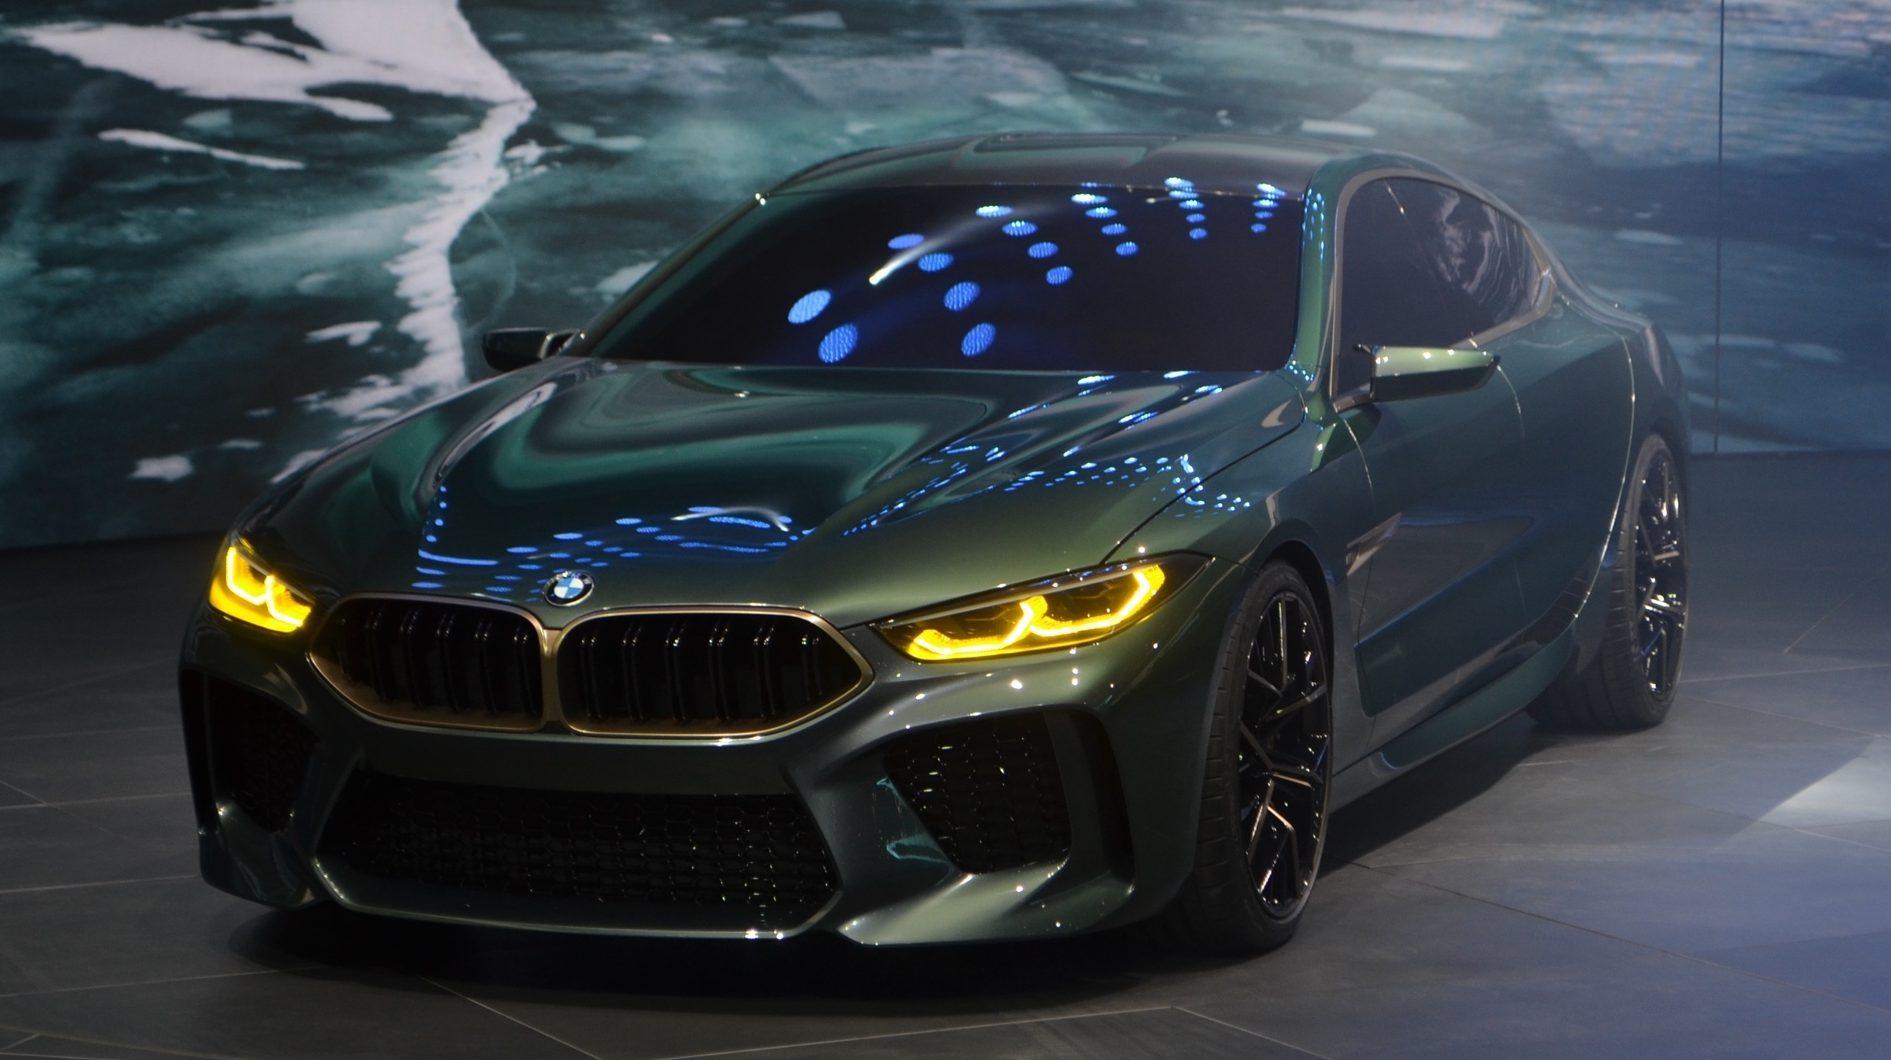 Genf 2018 Bmw M8 Gran Coupe Concept Live 12 Zero2turbo